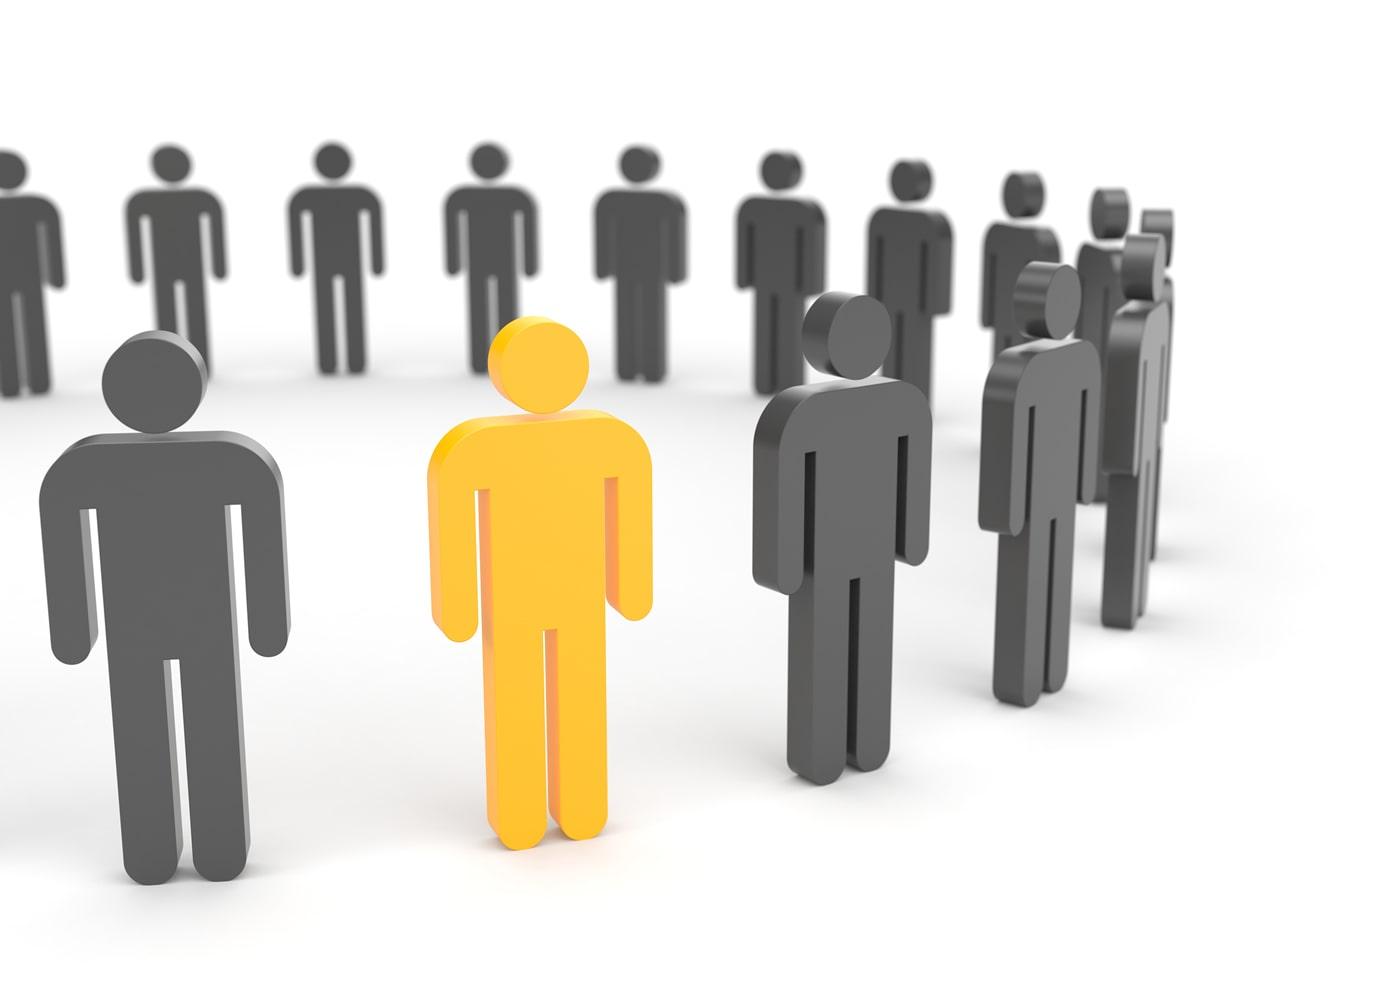 naem-research-quickpolls-2015-08-employee-volunteer-programs-700x500